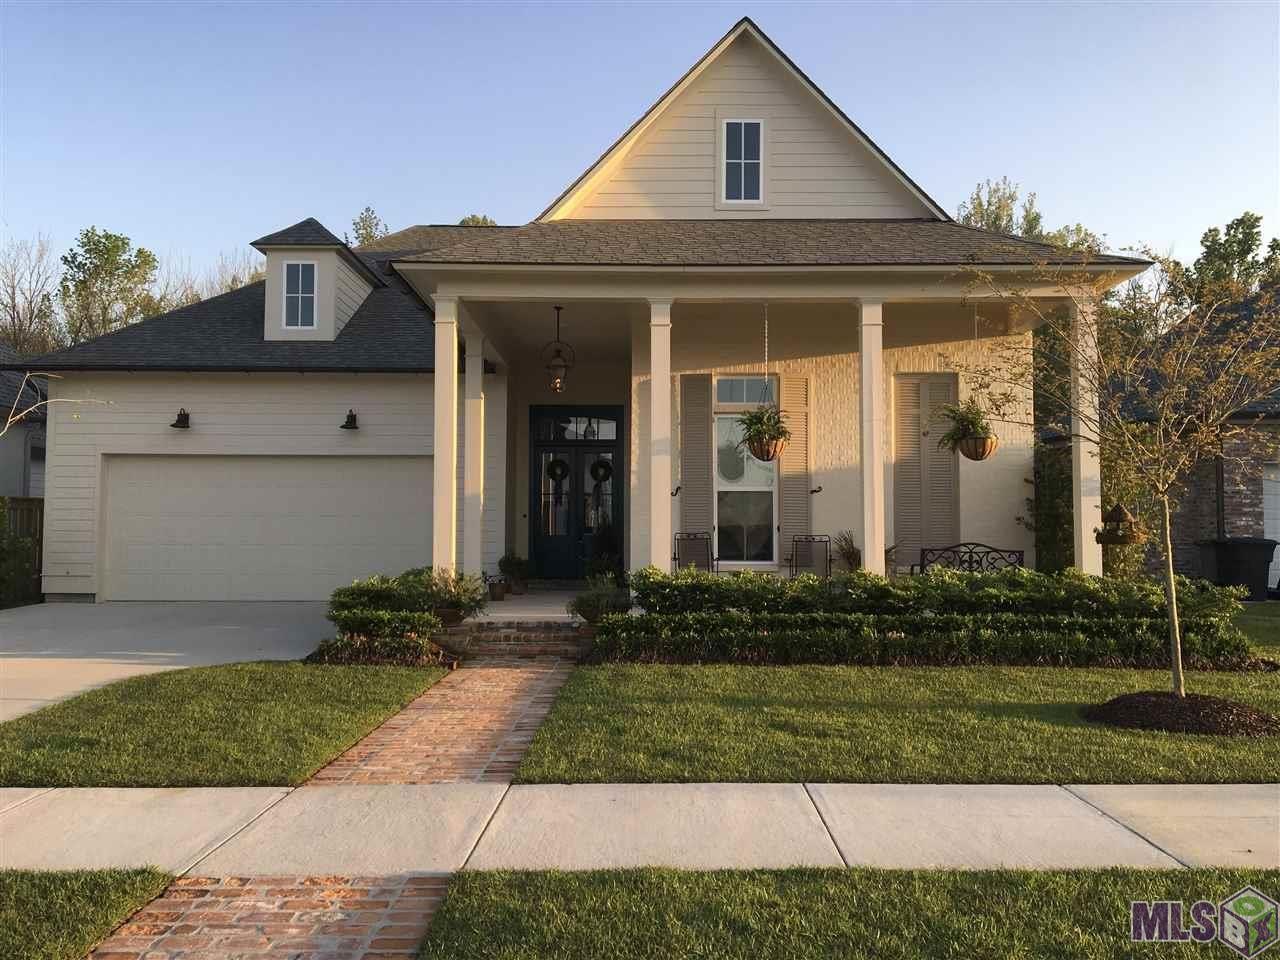 1640 SUGAR CANE LN, Baton Rouge, LA 70810 - MLS#: 2021005160